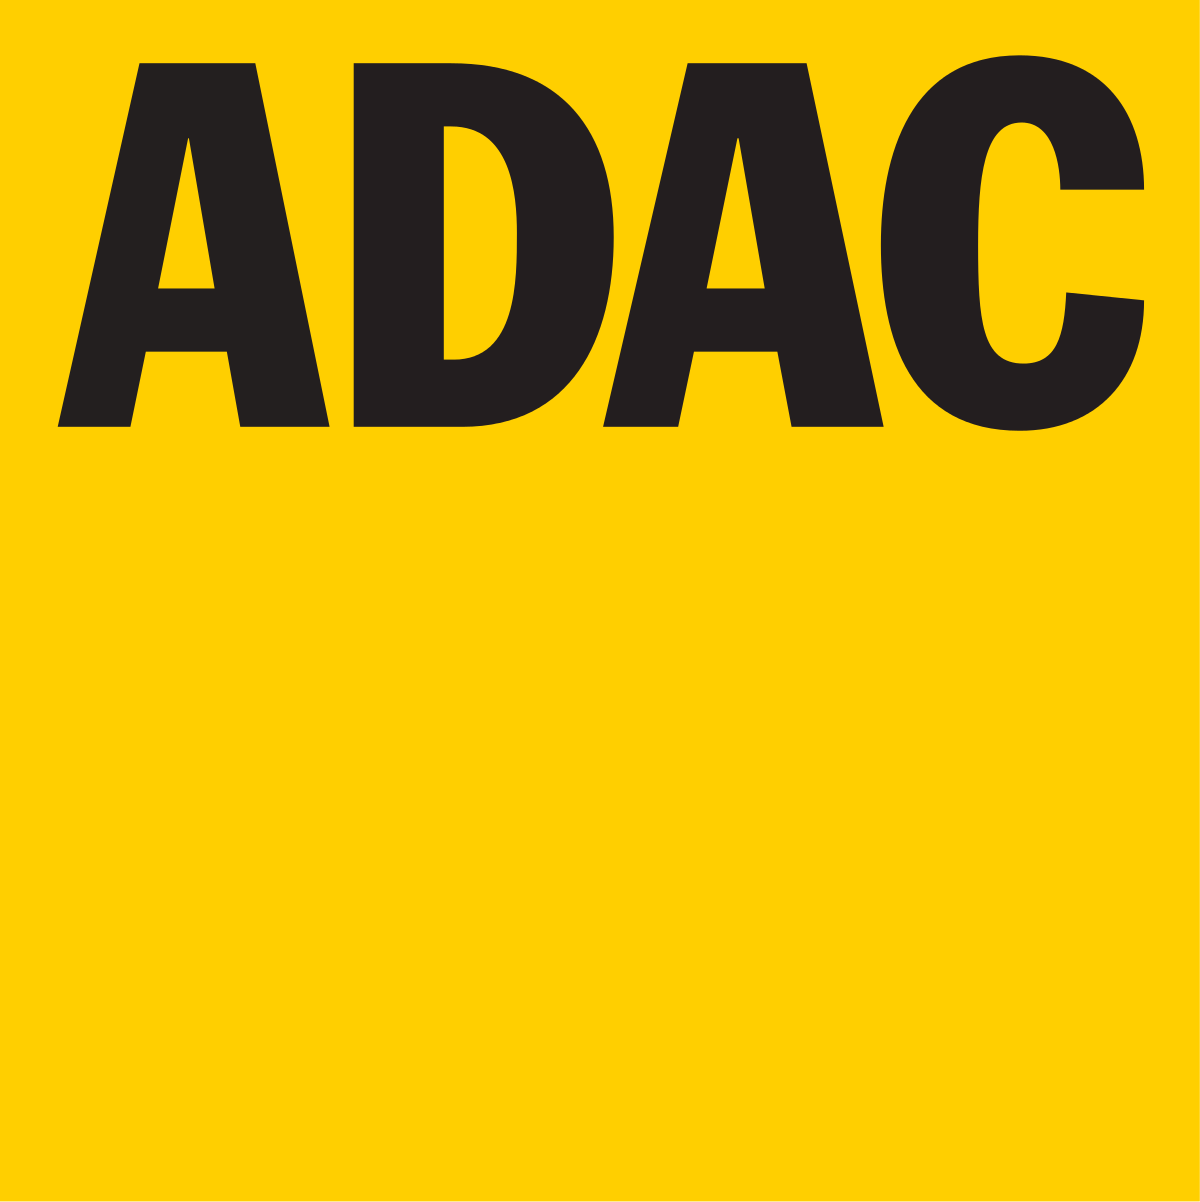 ADAC.